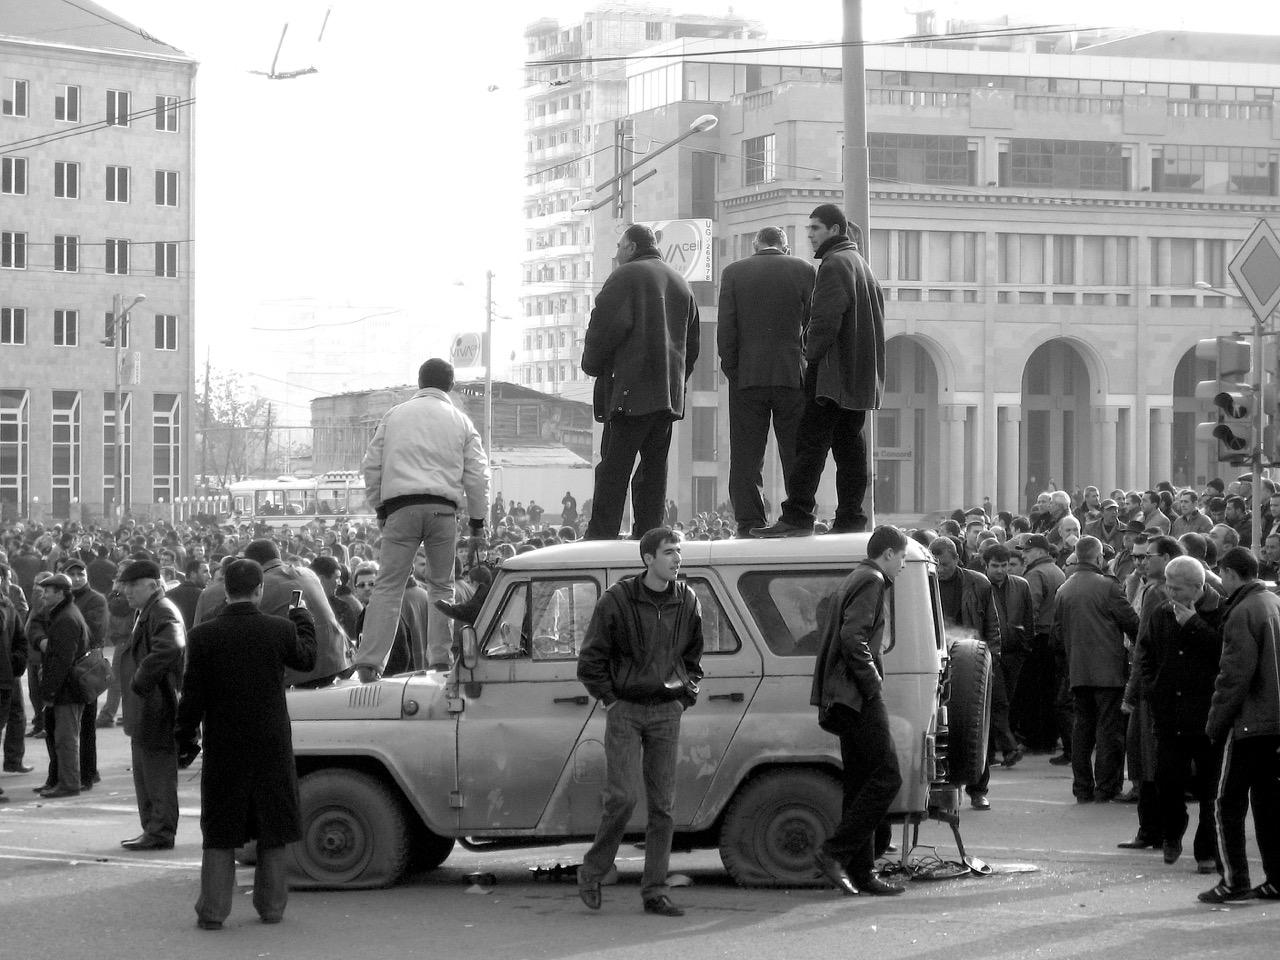 Foto: Überblick. Aus: Eriwan. Kapitel 3. Aufzeichnungen aus Armenien von Marc Degens.